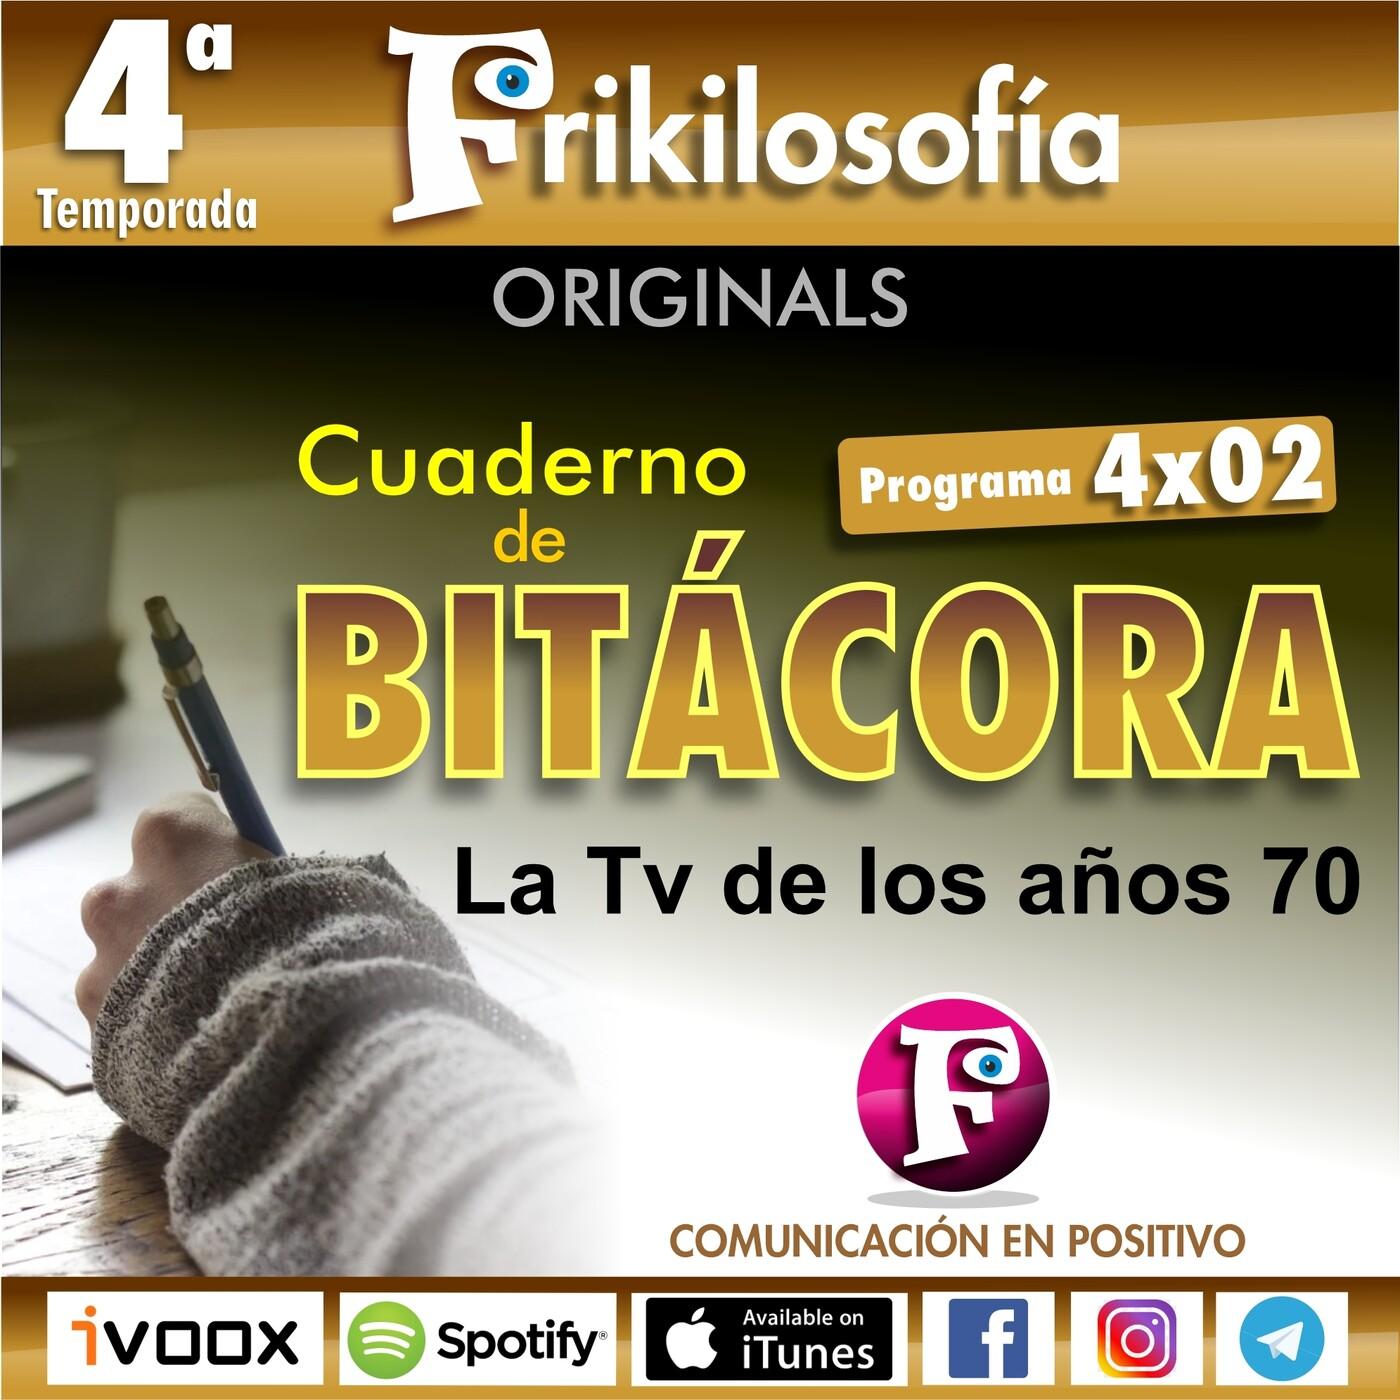 4X03. Contenido exclusivo. LAS SERIES DE TV DE LOS AÑOS 70. Contenido exclusivo. CUADERNO DE BITACORA.